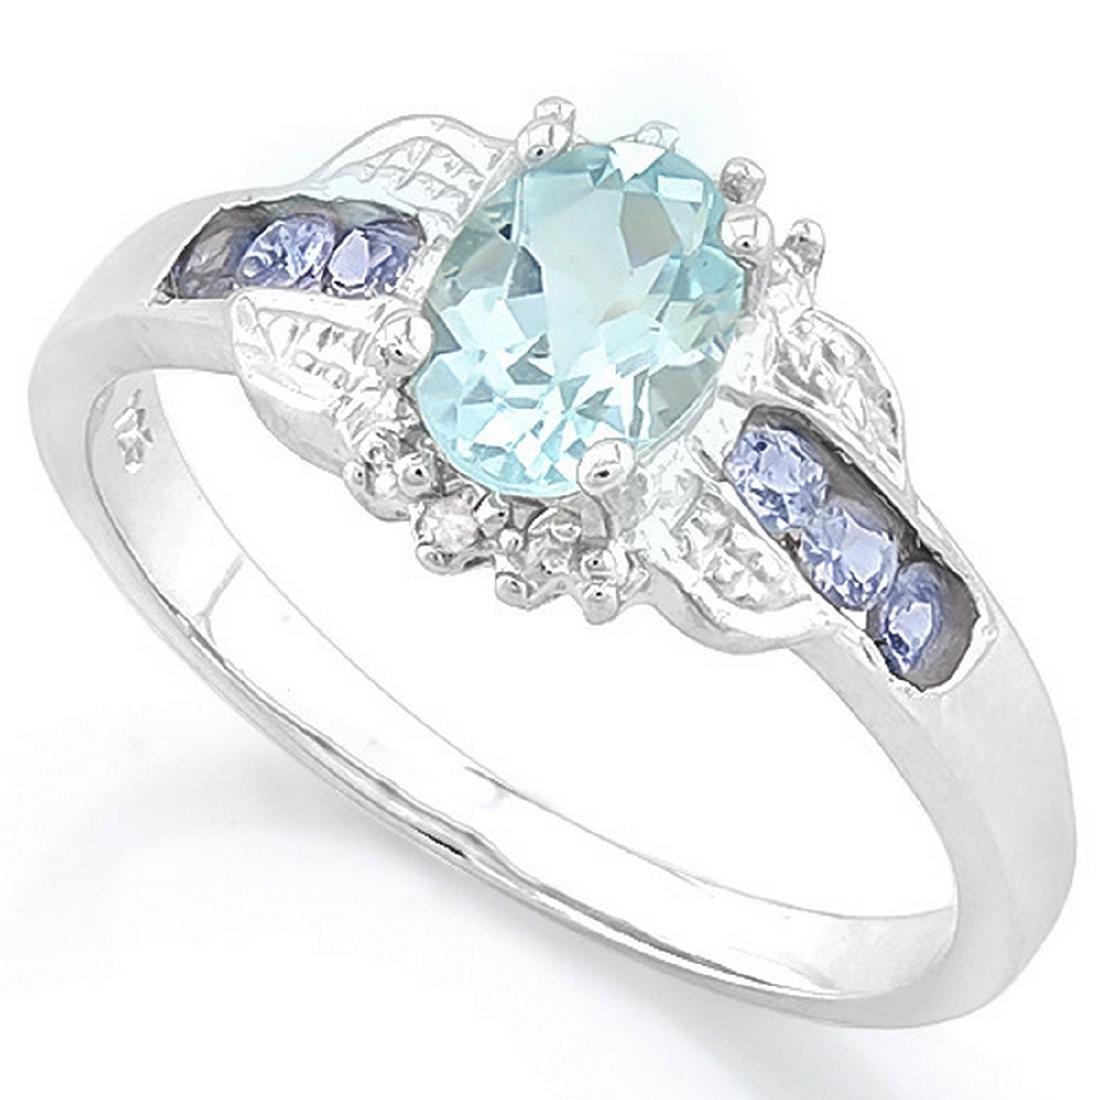 Tanzanite and Aquamarine Deco Style Ring in Platinum